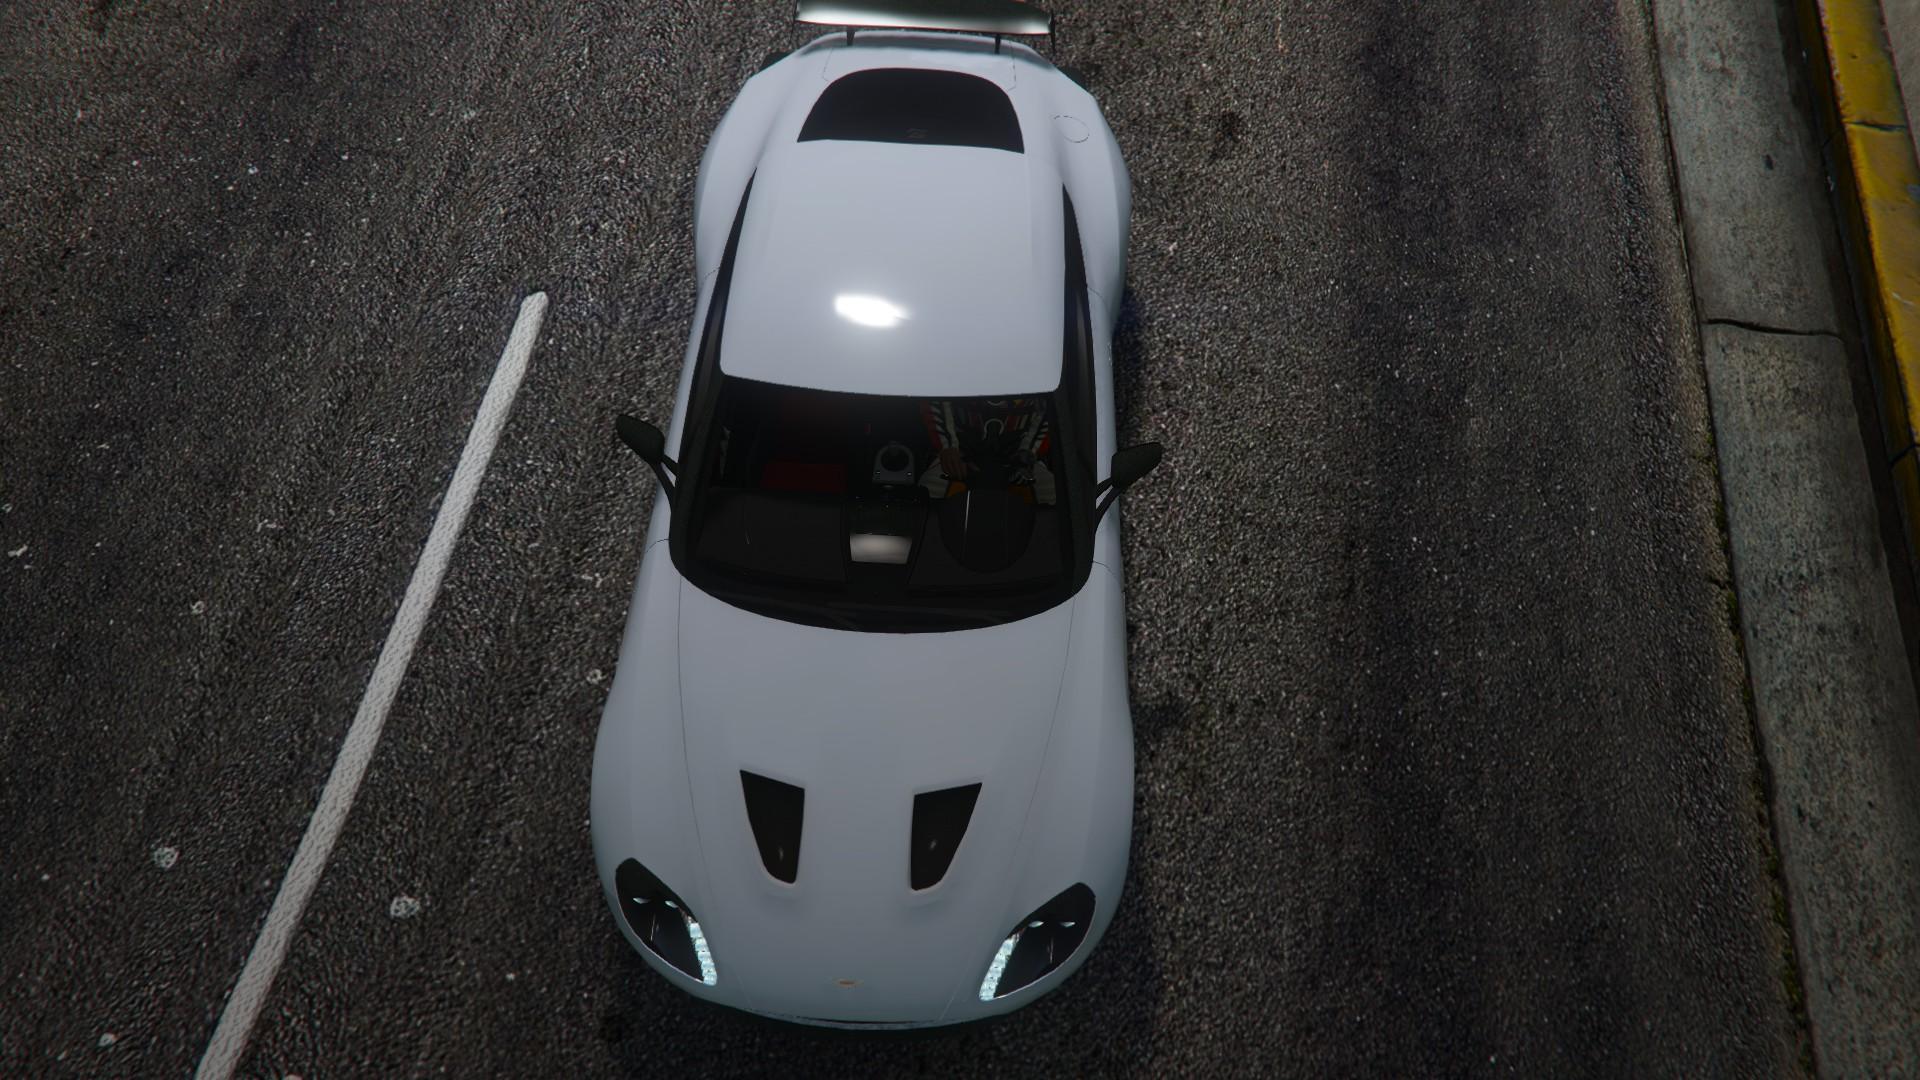 Aston Martin V12 Zagato 2012 GTA5 Mods